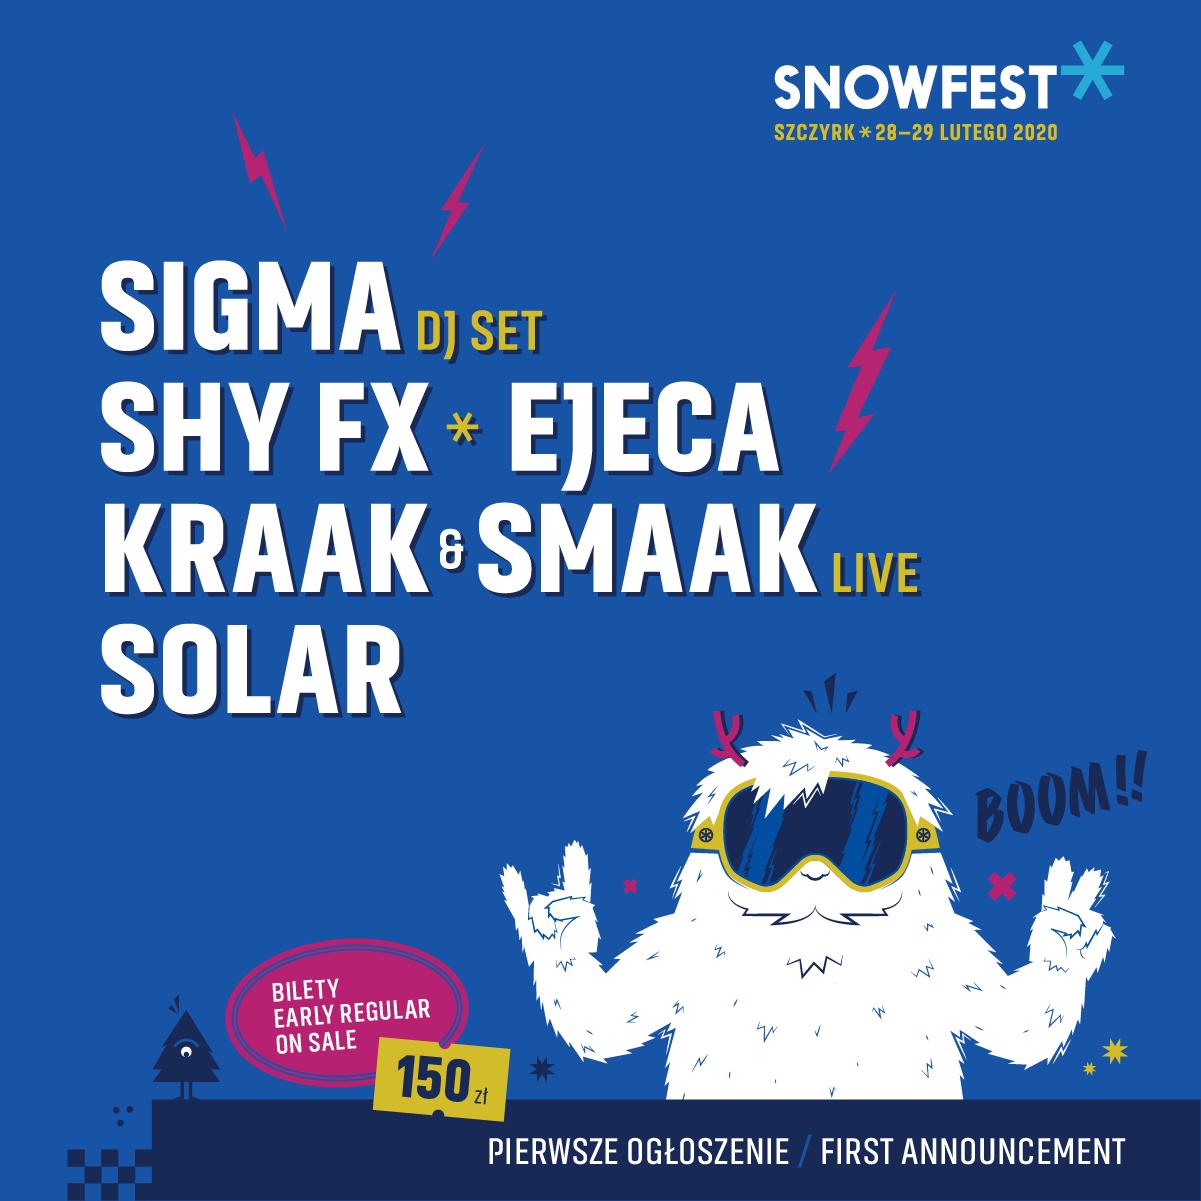 snowfest 2020 pierwsze ogłoszenie